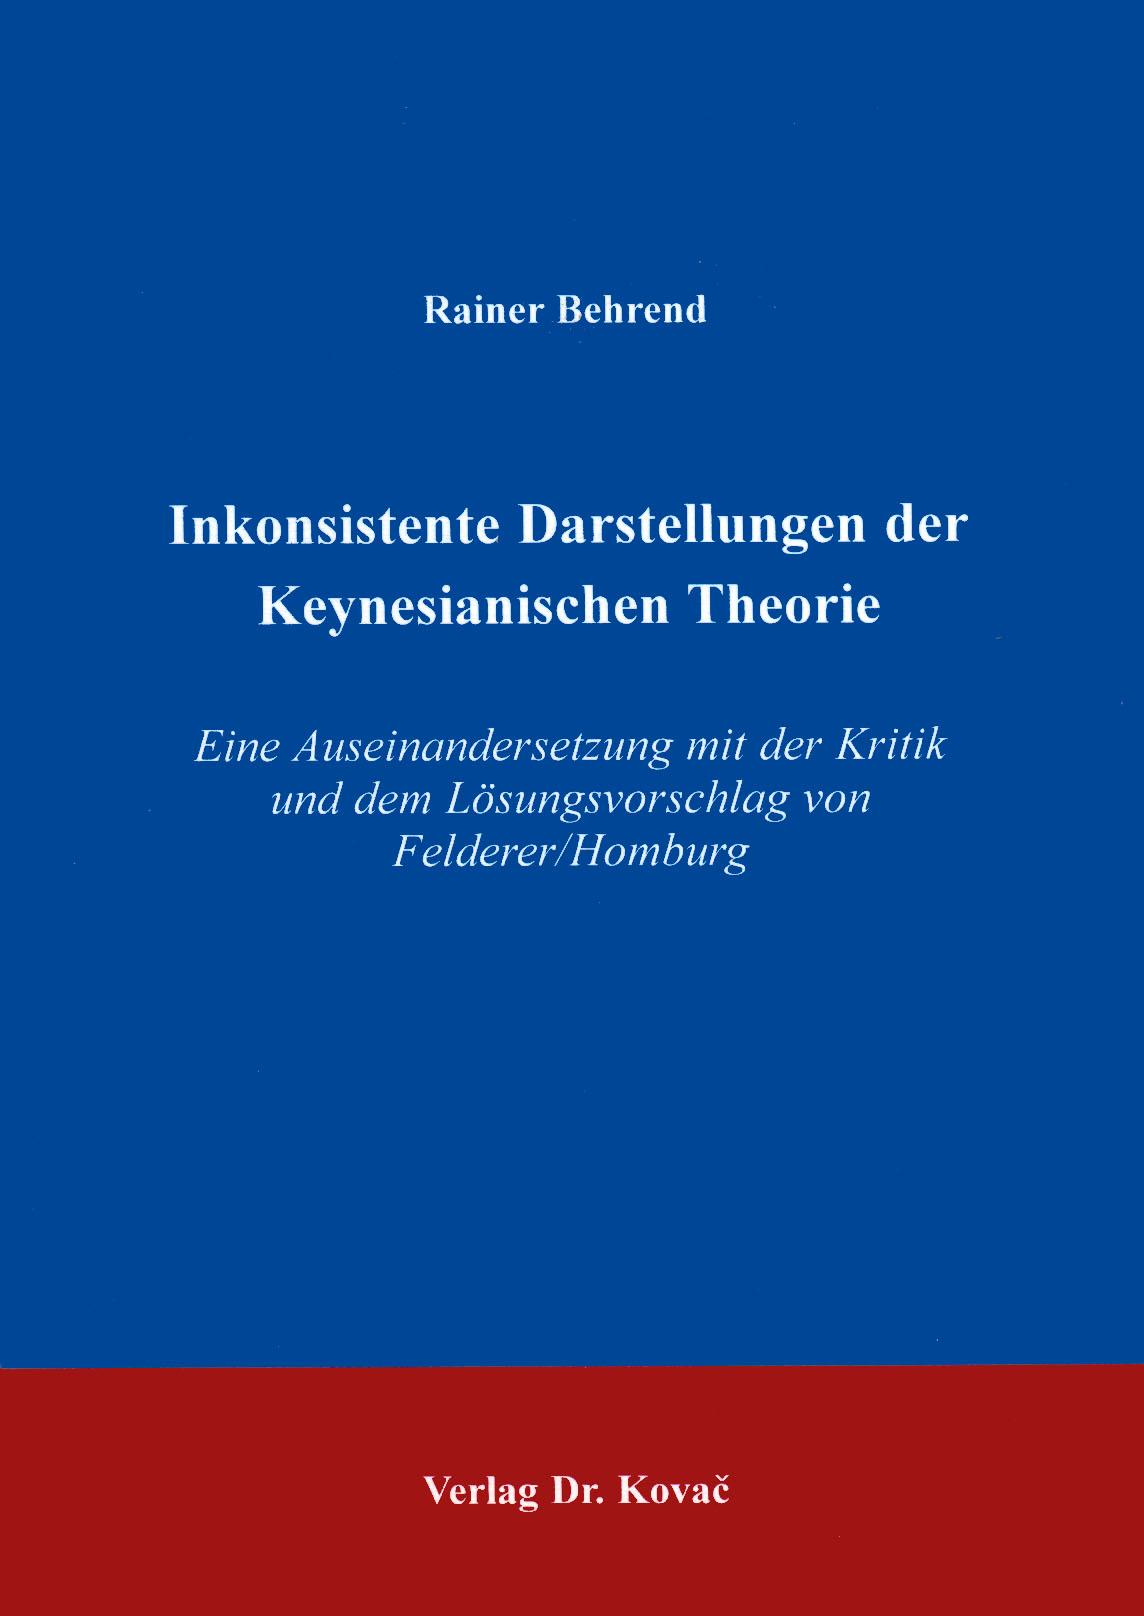 Cover: Inkonsistente Darstellungen der Keynesianischen Theorie